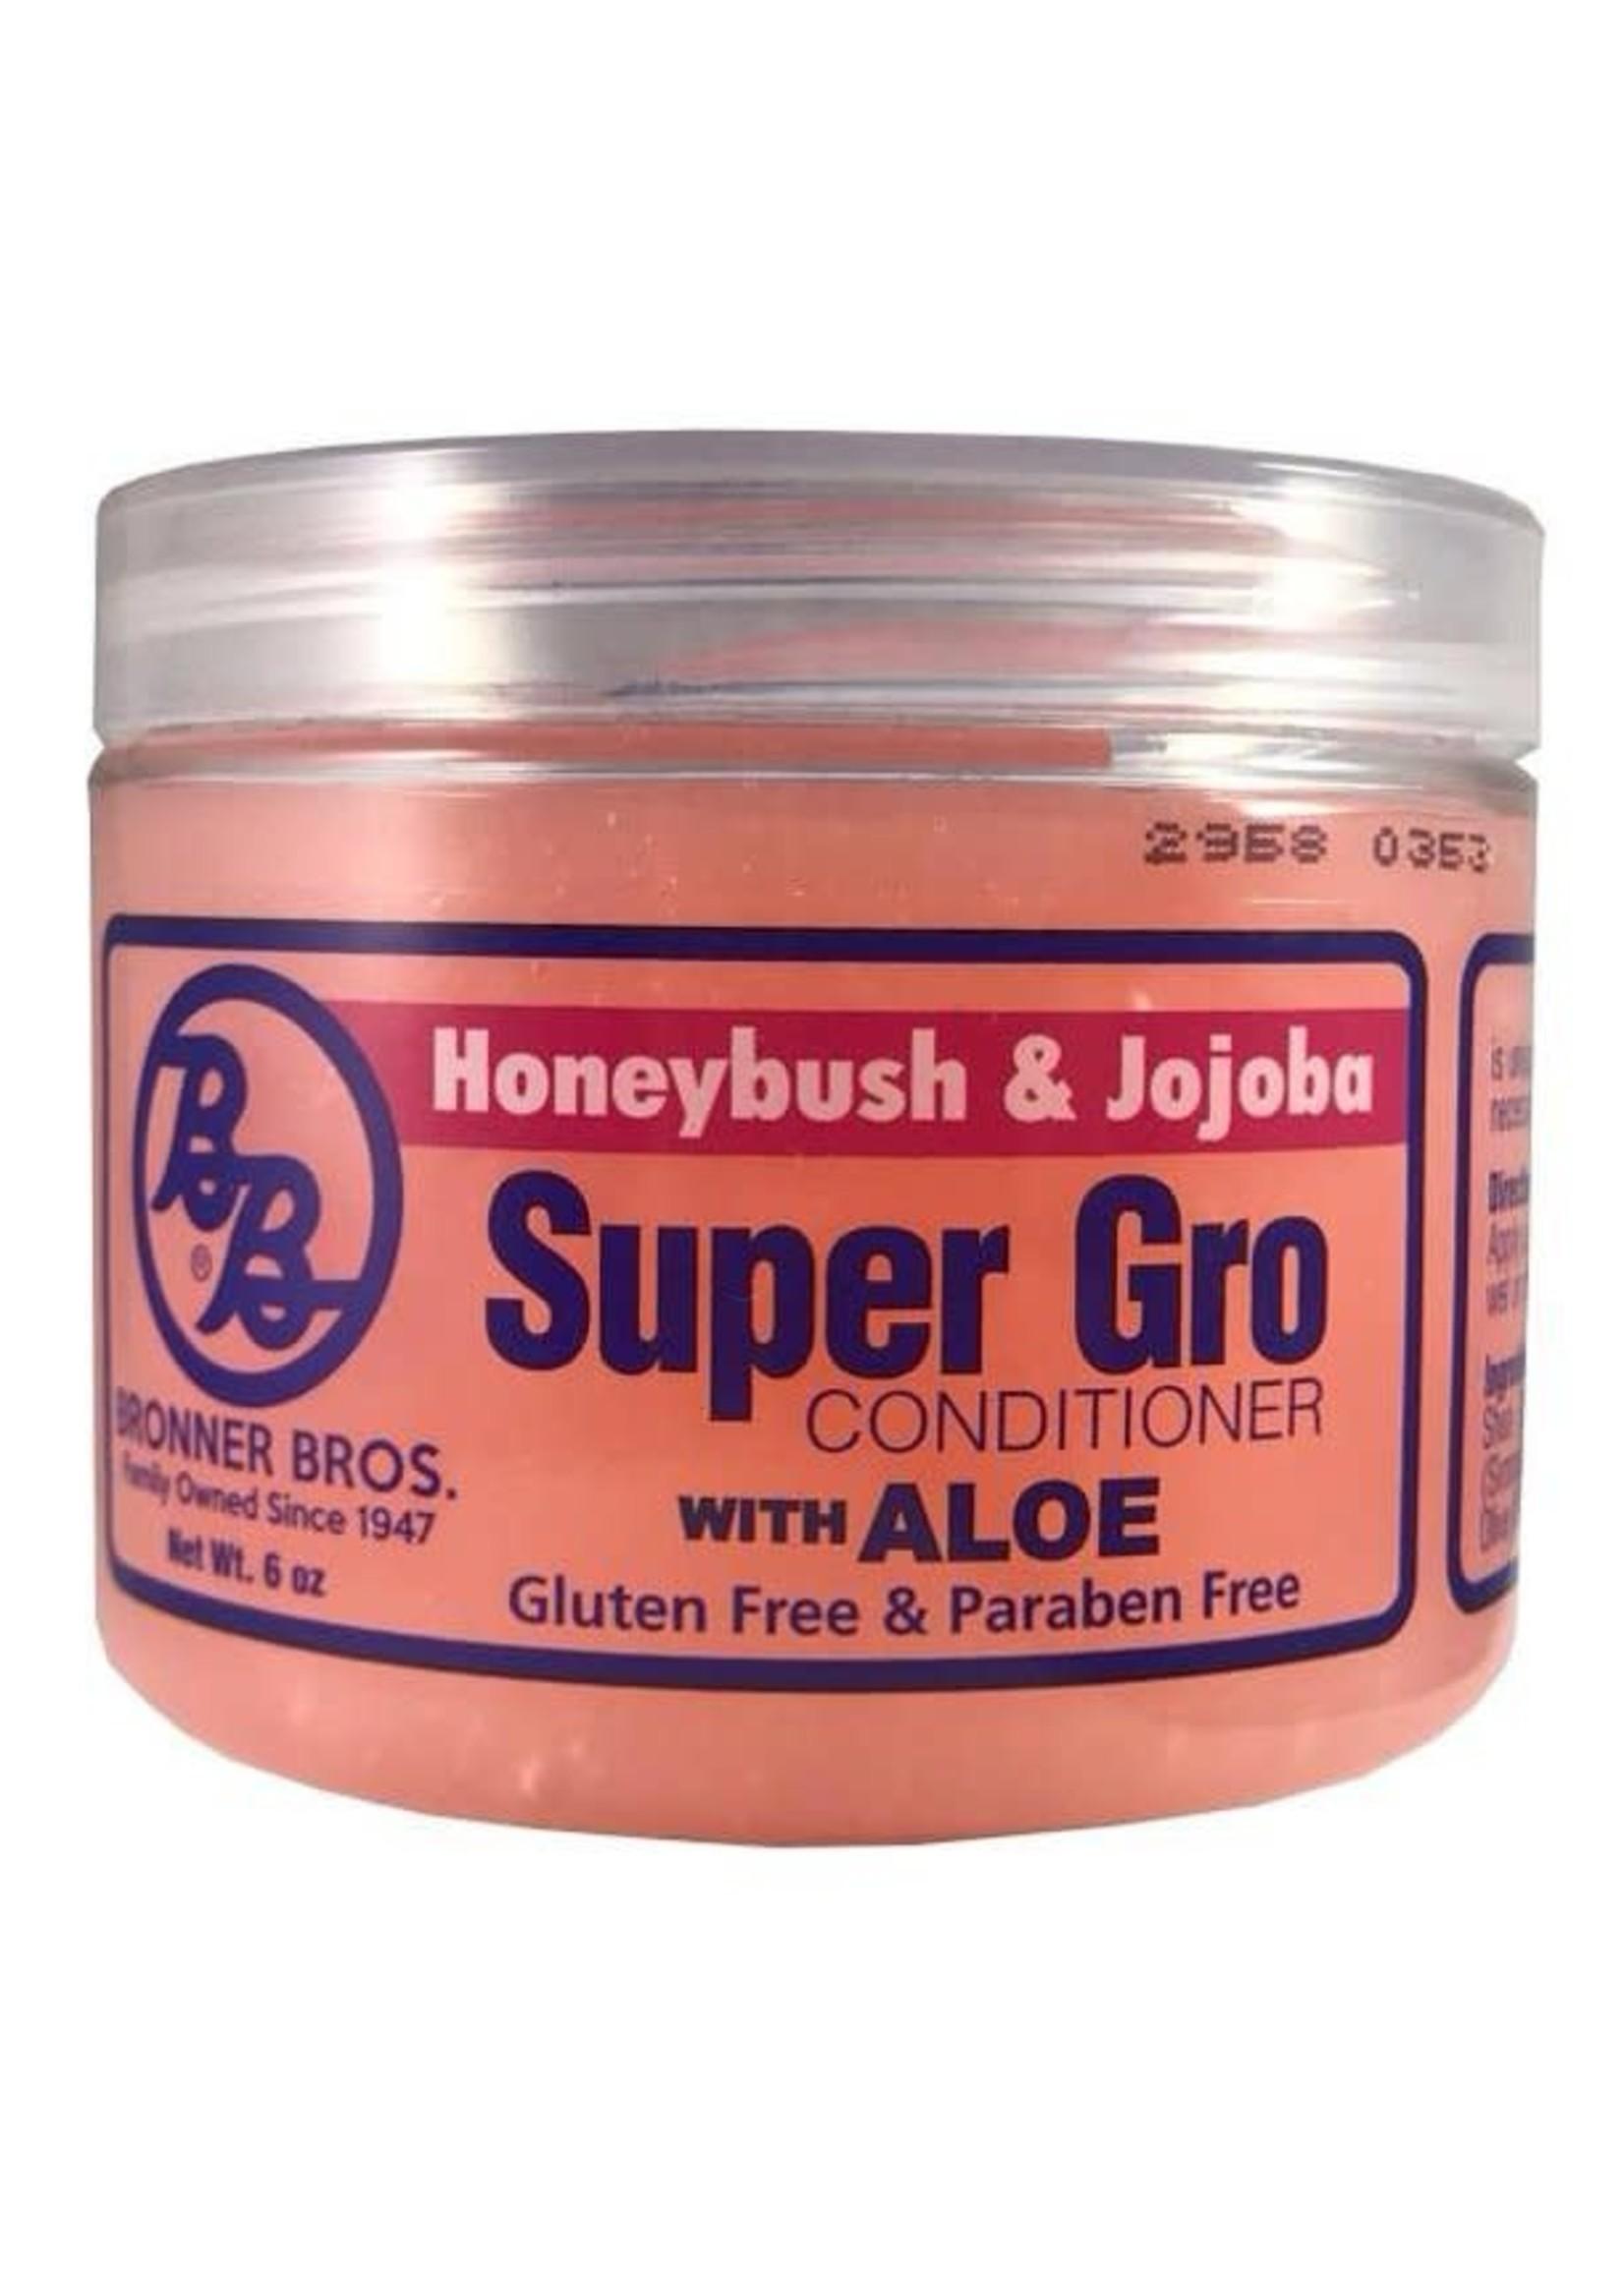 BB Super Gro Conditioner Honeybush & Jojoba